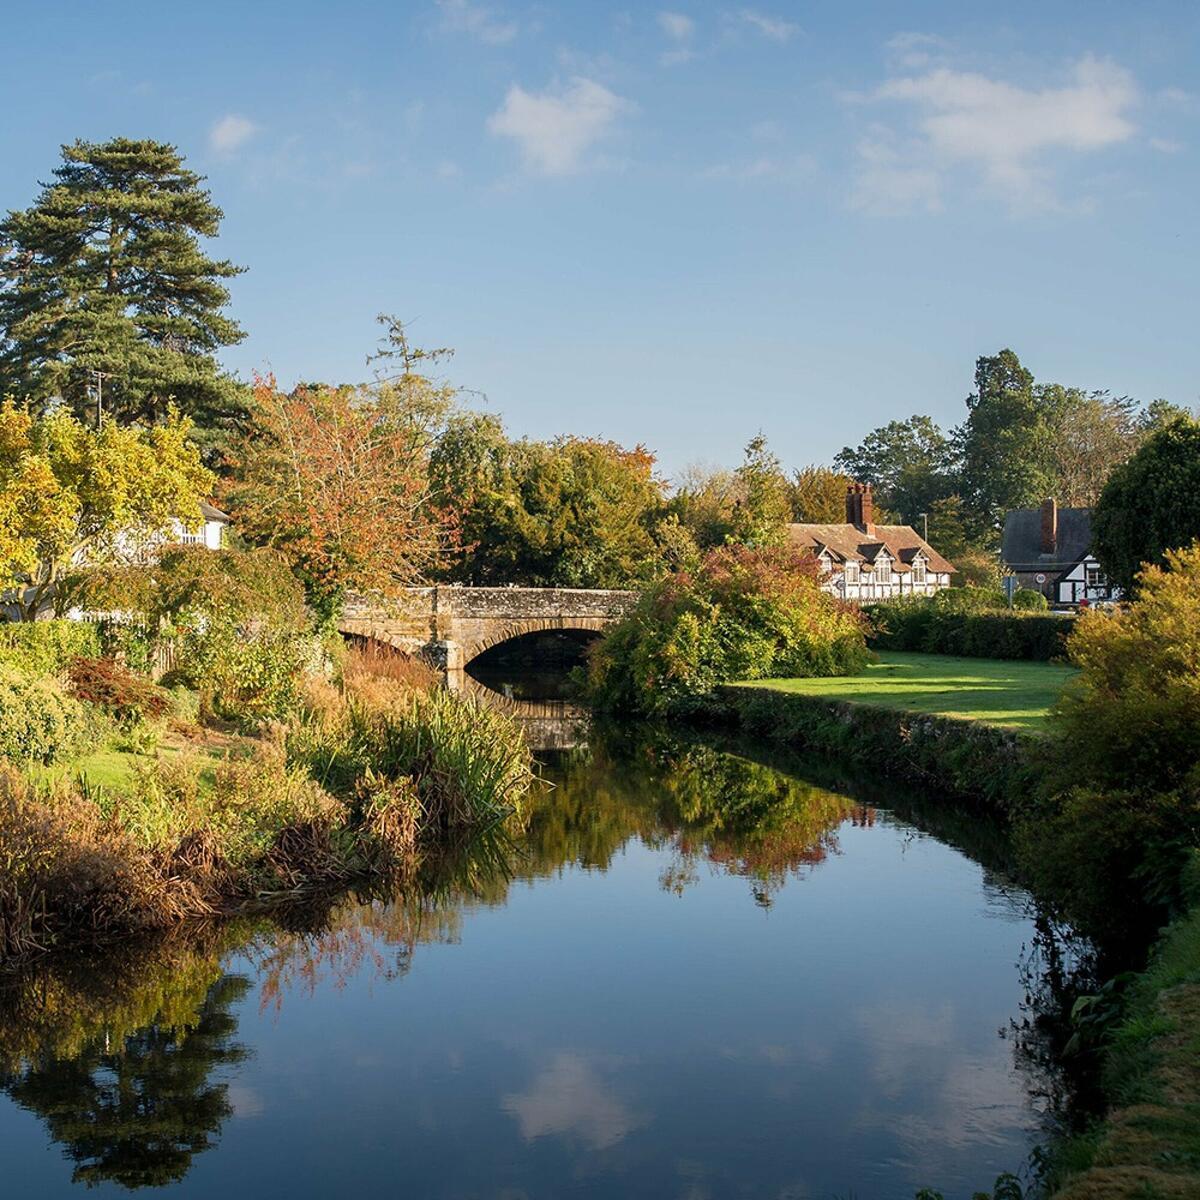 Picturesque Eardisland Tudor village